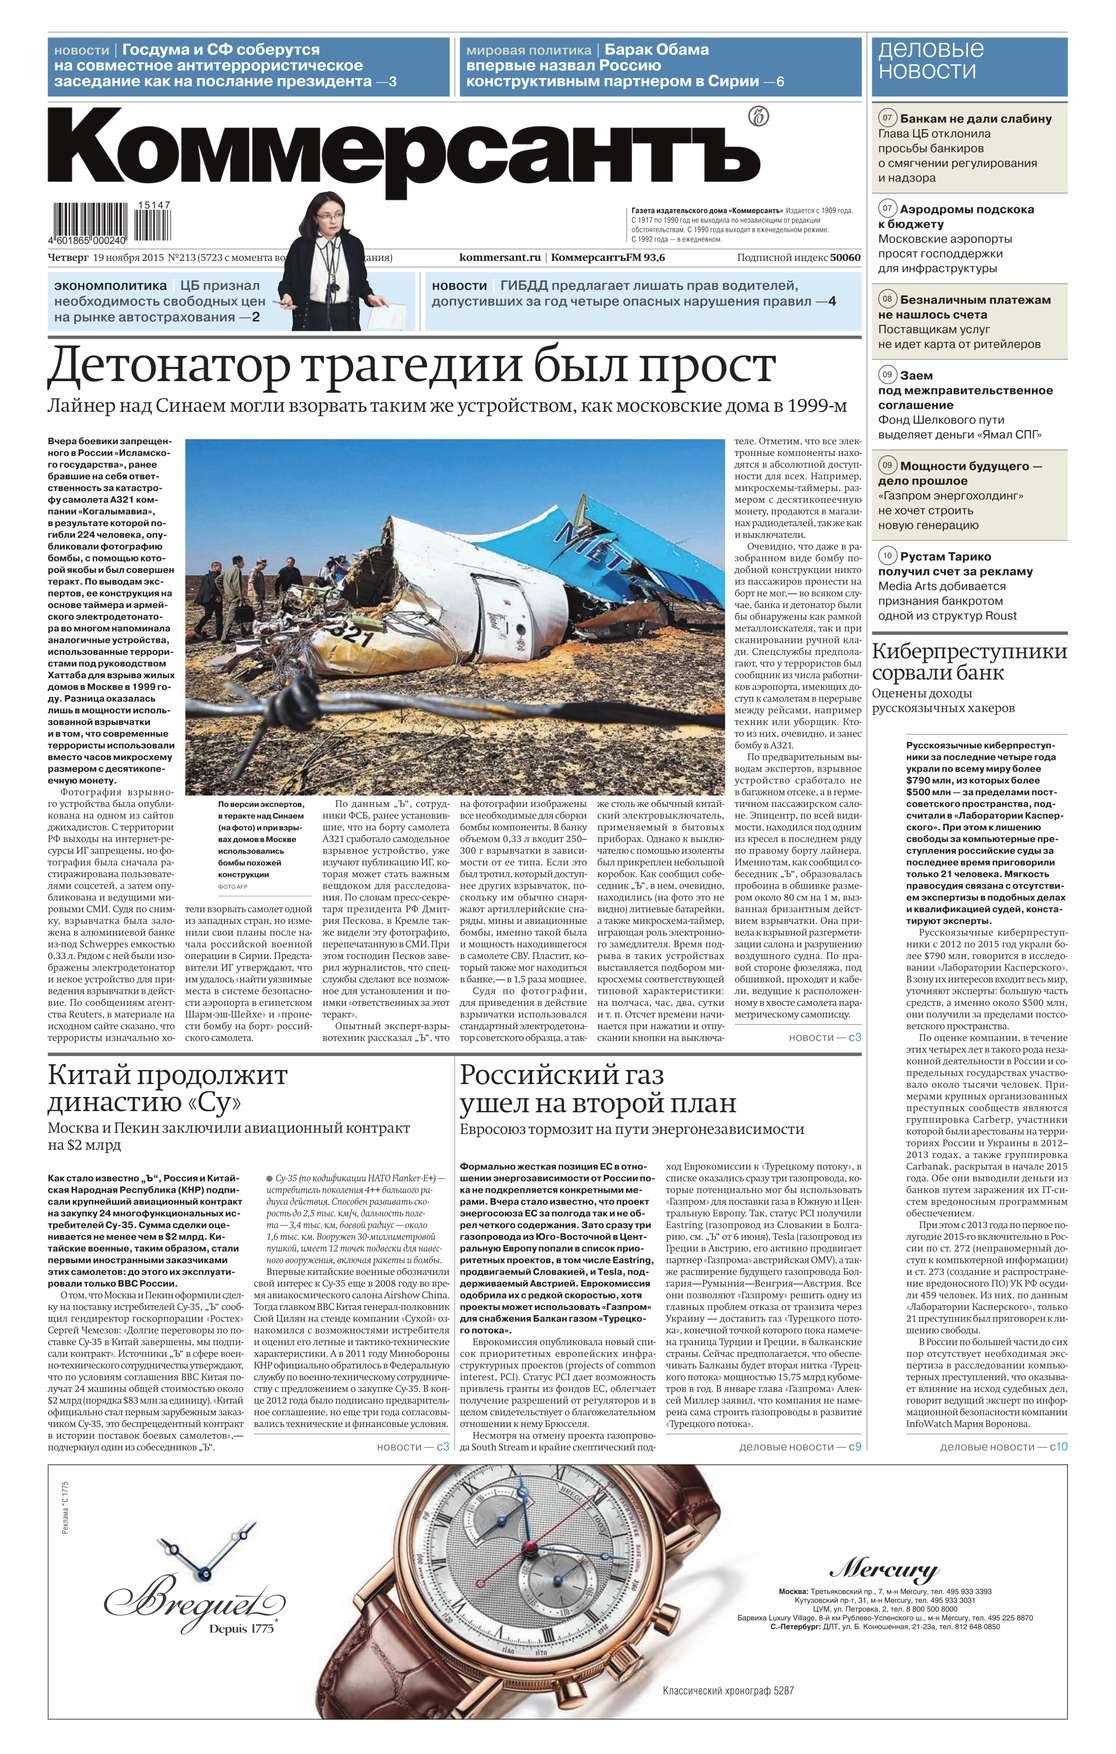 цена на Редакция газеты Коммерсантъ (понедельник-пятница) Коммерсантъ (понедельник-пятница) 213-2015